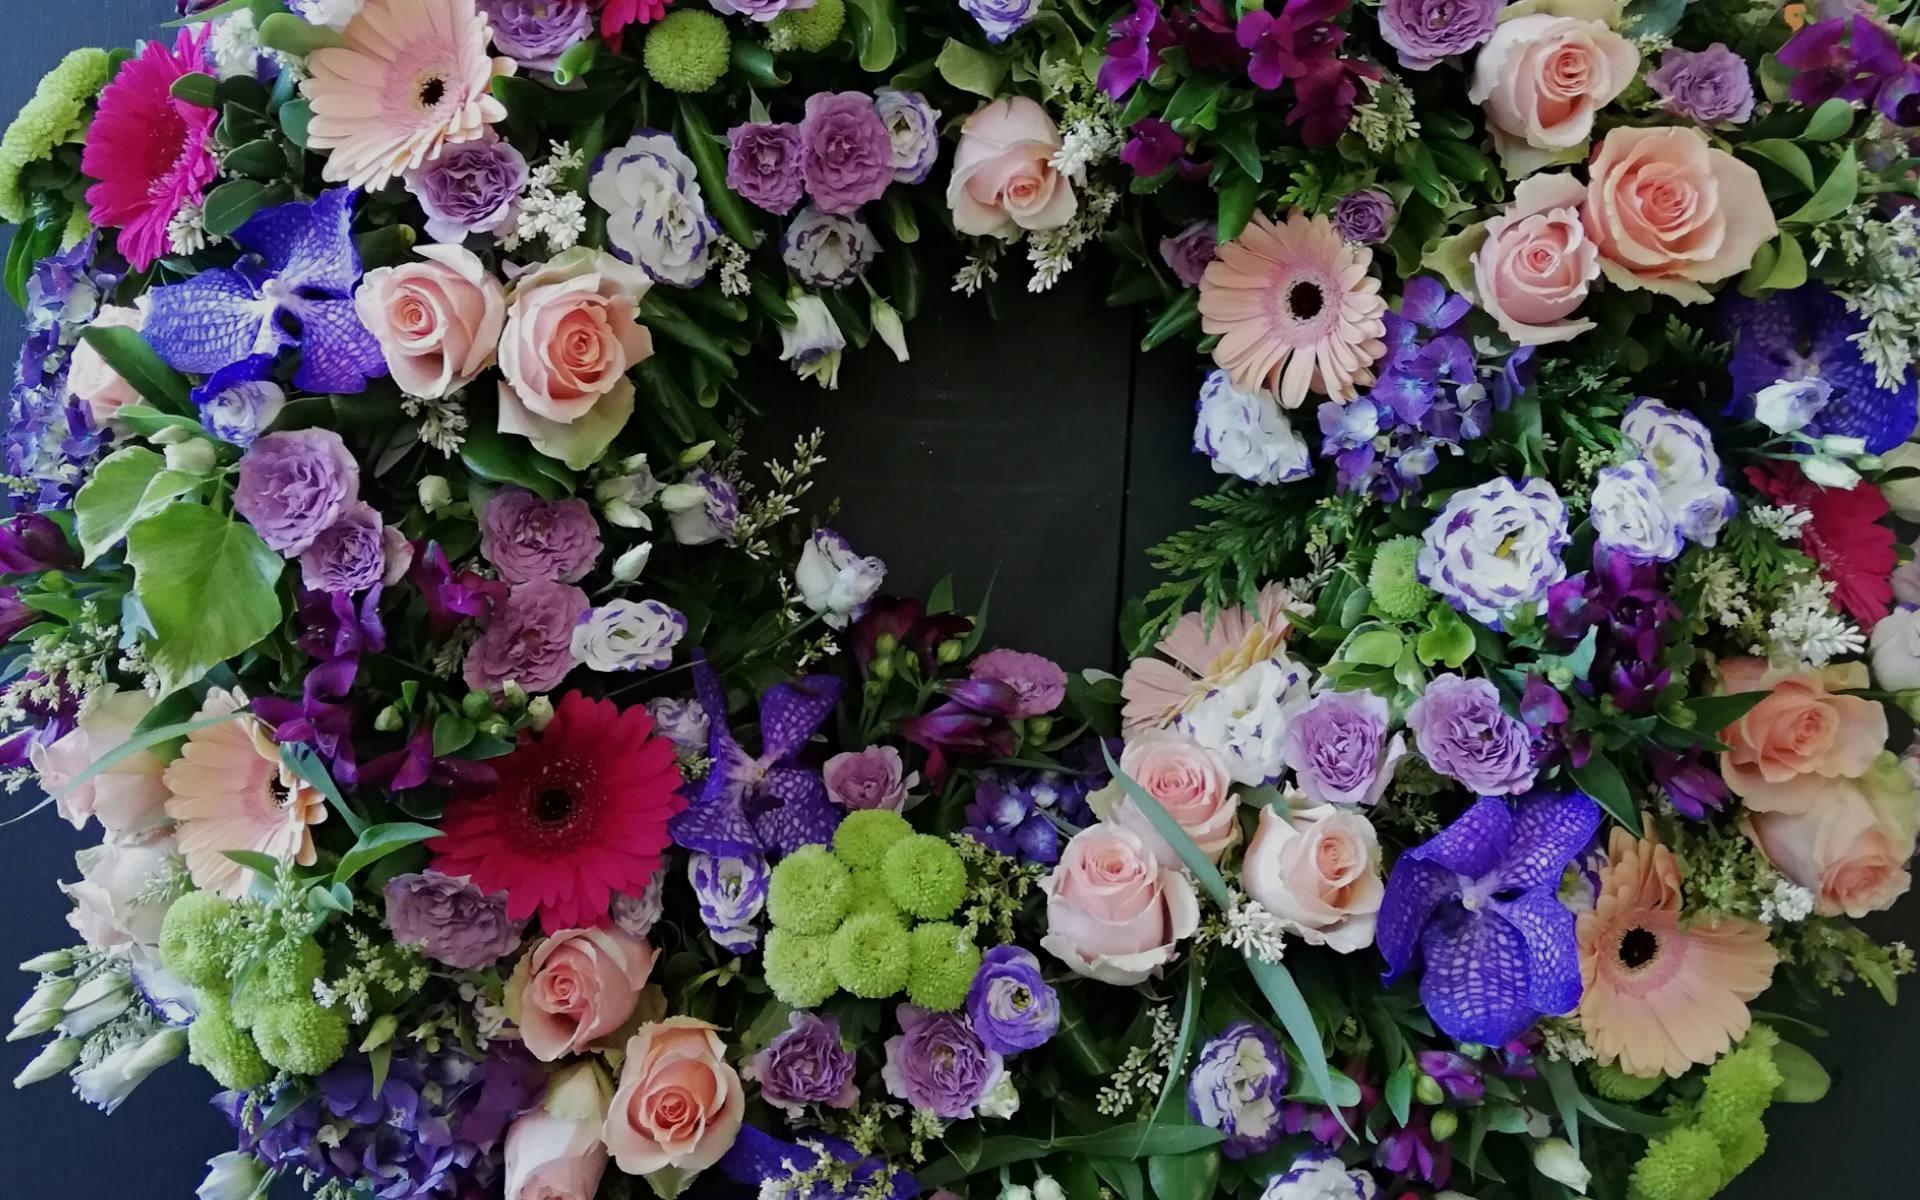 flores defuncion rita villar floristas